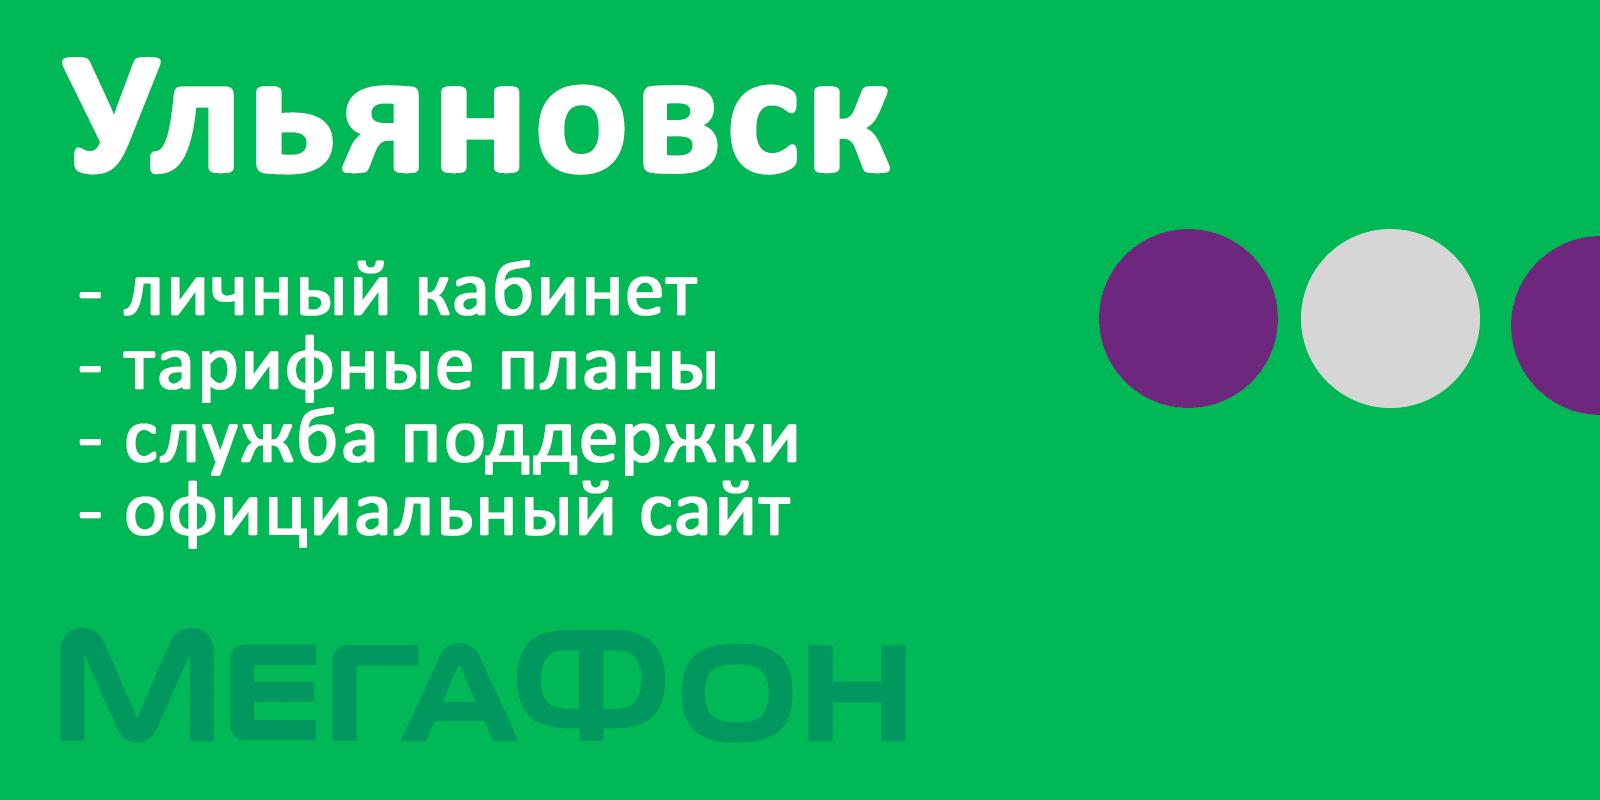 Мегафон Ульяновск - личный кабинет, тарифы, сайт